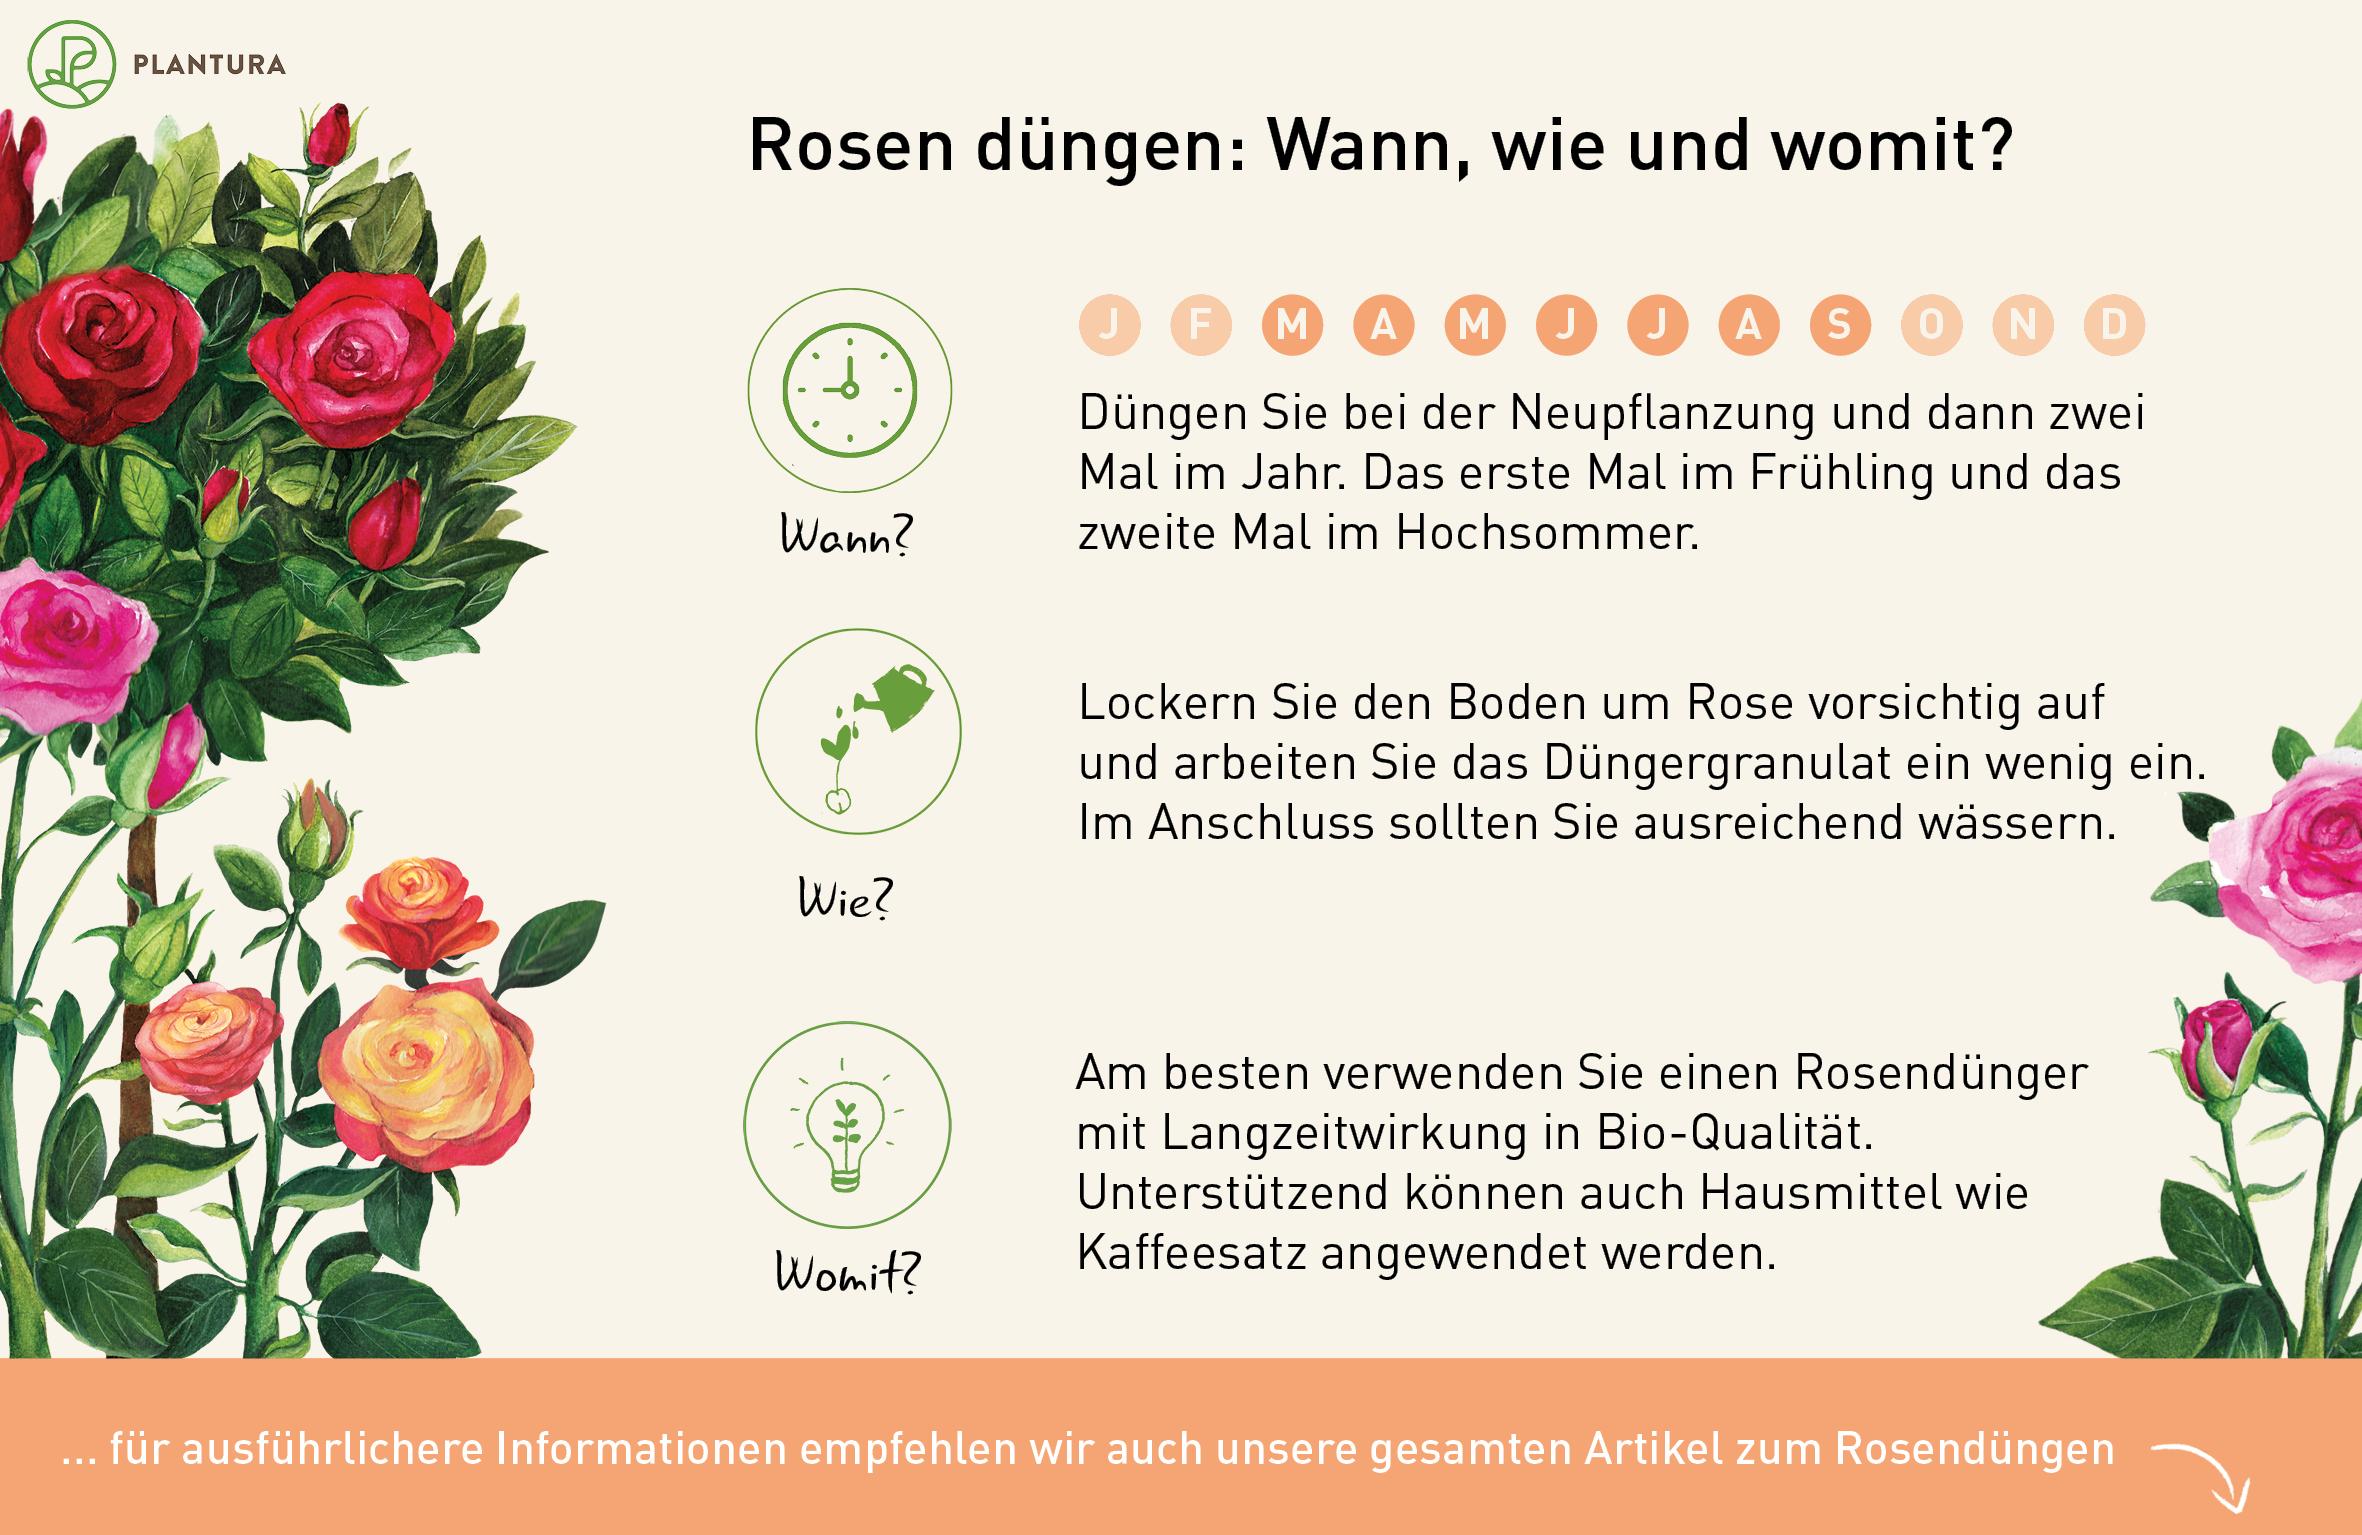 Rosen Dungen Profi Tipps Zum Richtigen Zeitpunkt Vorgehen Plantura